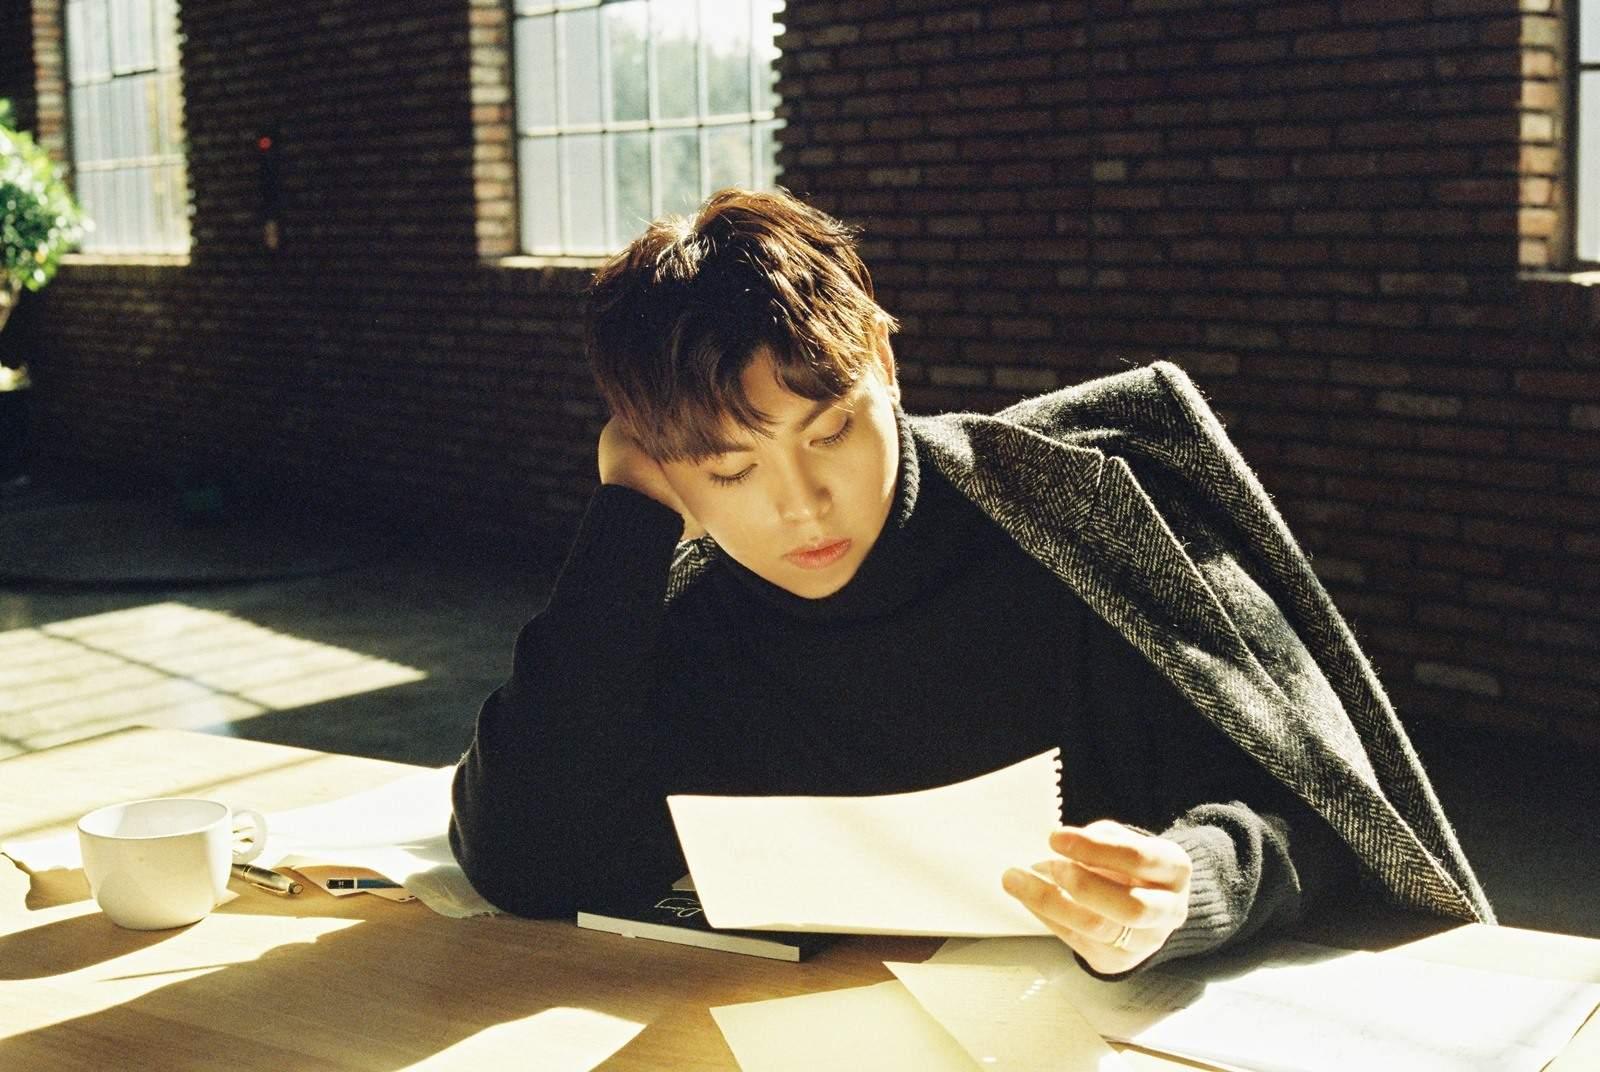 其實韓東根曾經自曝2010年患有癲癇,錄製《蒙面歌王》的時候在廁所暈倒過,醒來卻不知道發生什麼事,需要長期接受藥物治療